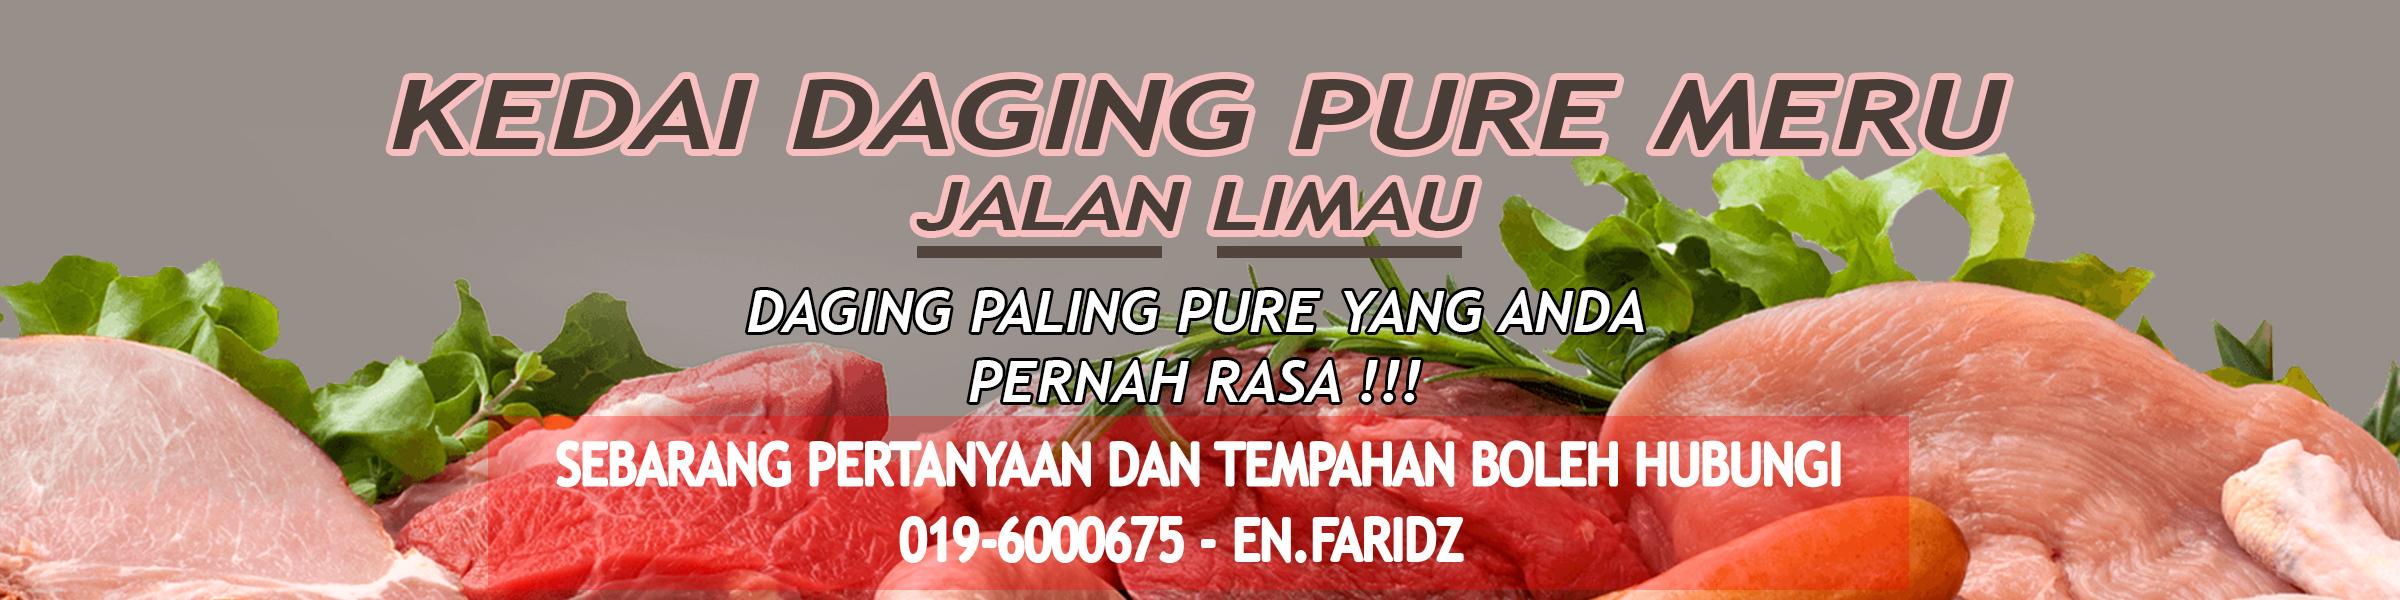 Kedai Daging Pure Meru